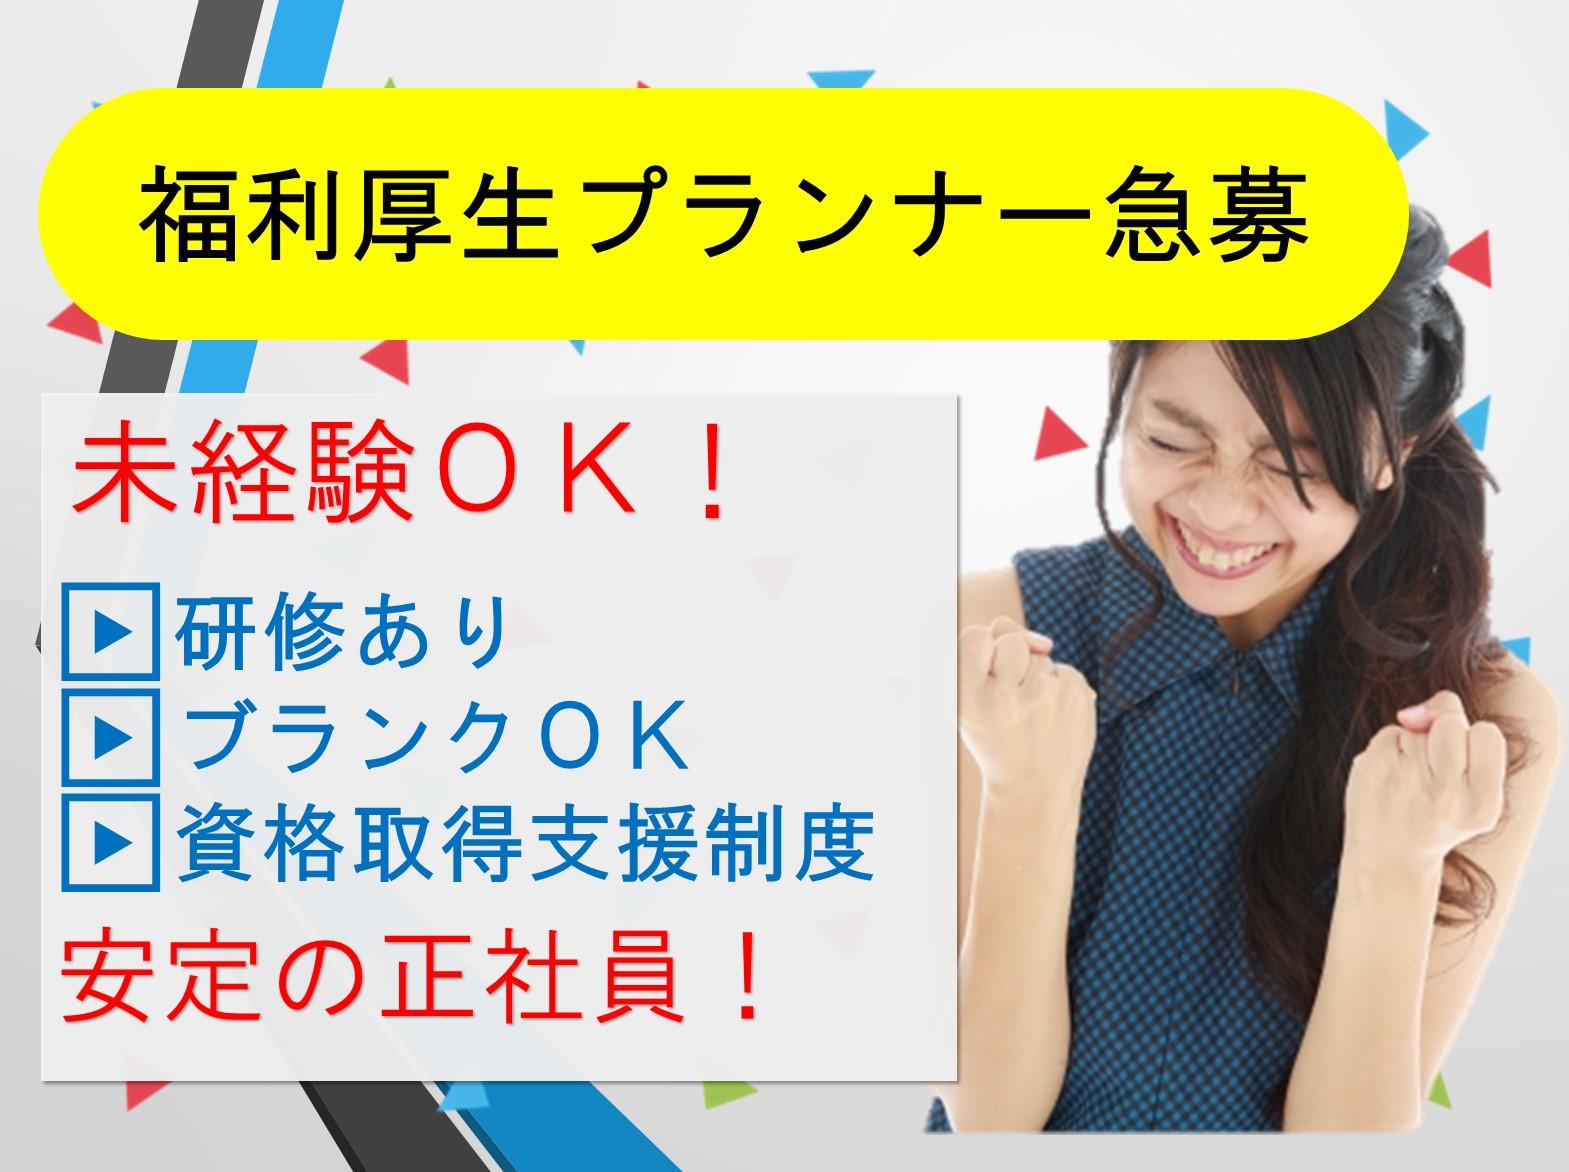 【未経験OK/研修あり】やりがいのあるお仕事!福利厚生プランナー急募!(名古屋市中区) イメージ